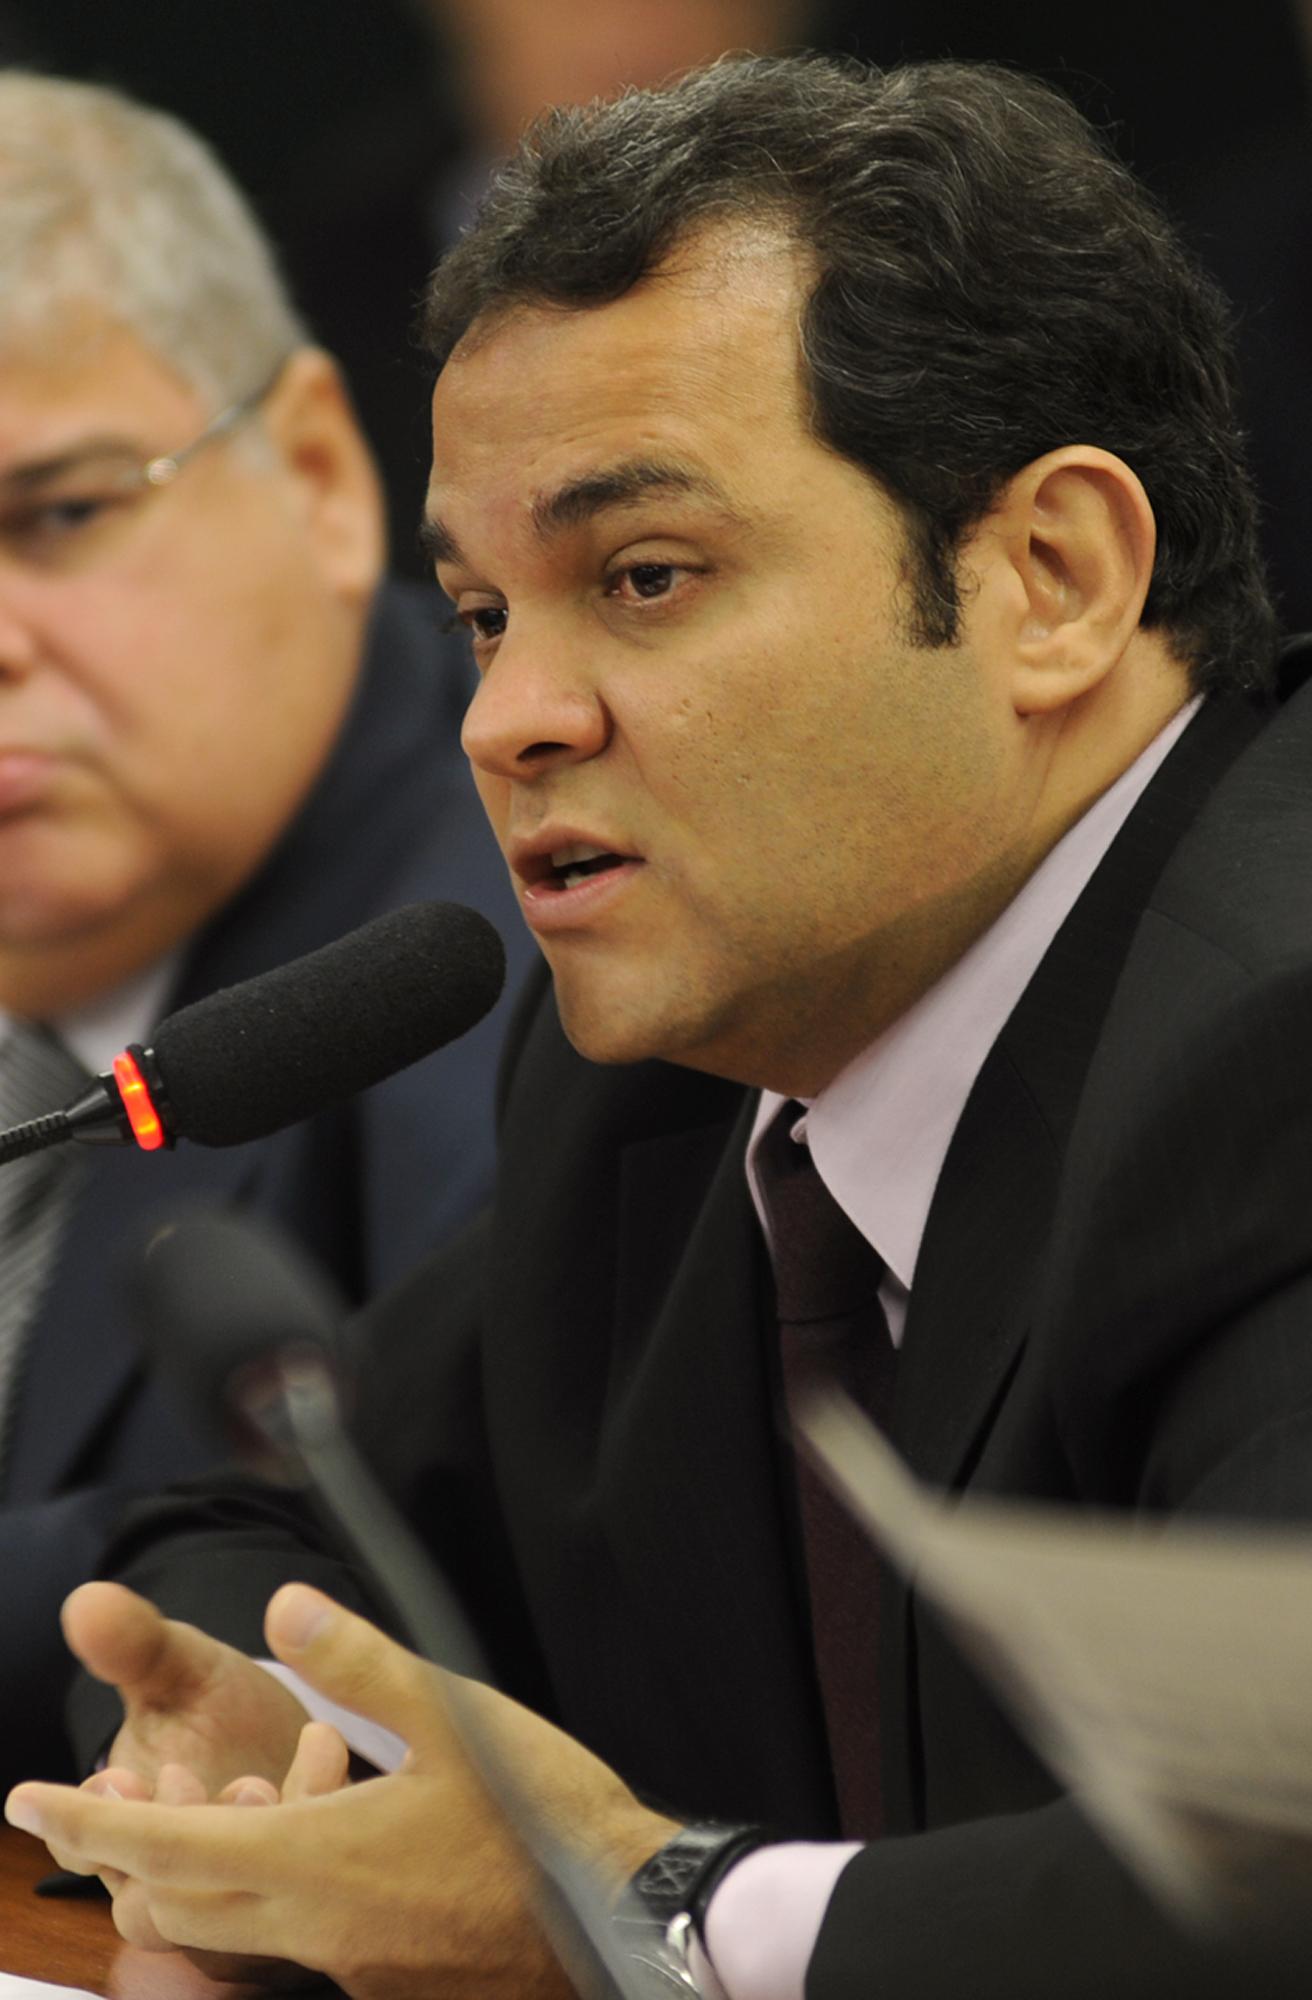 José Priante – Wikipédia, a enciclopédia livre